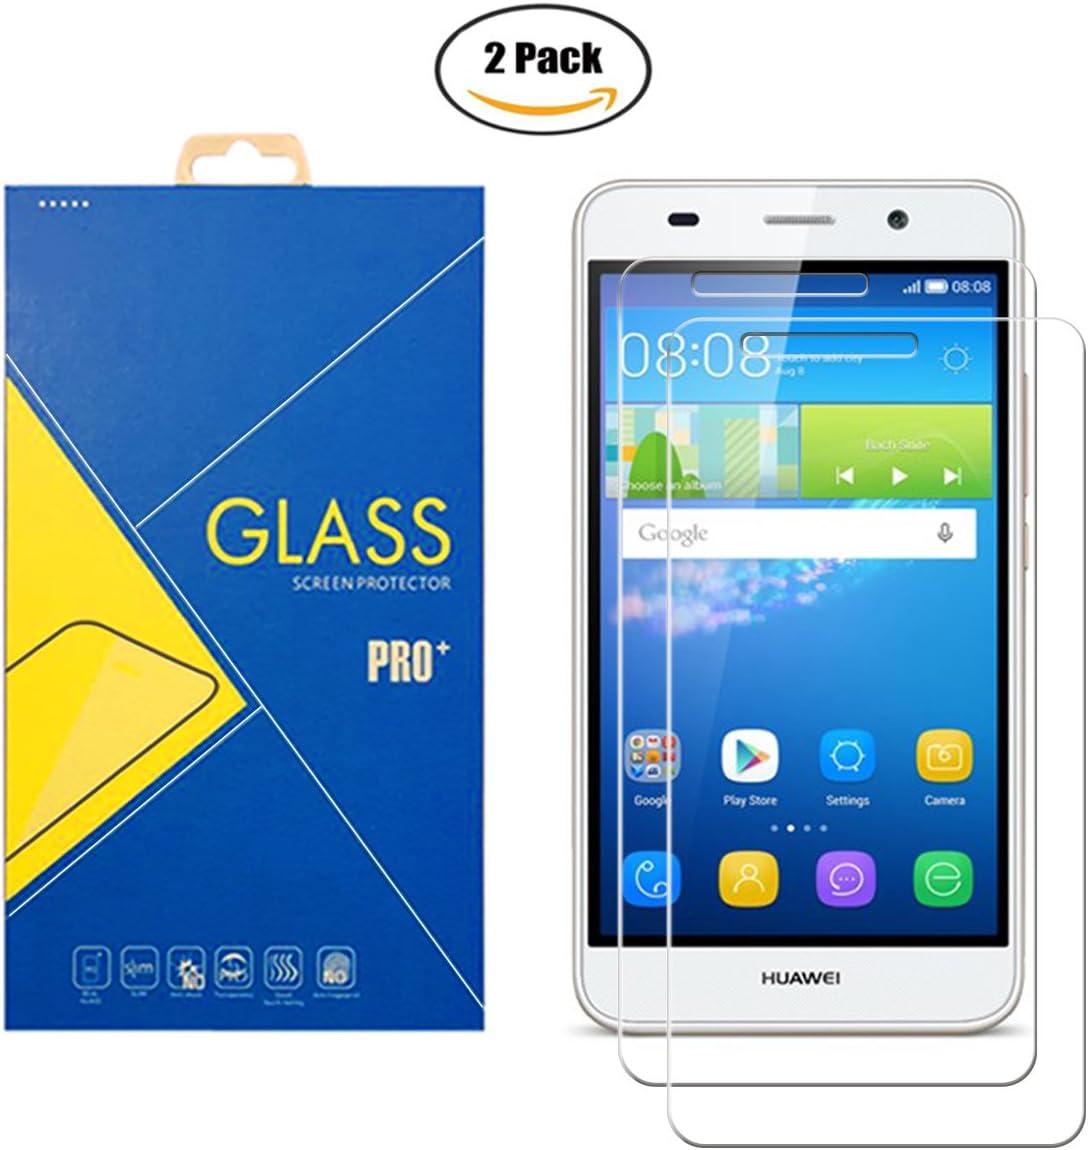 Protector de cristal templado para Huawei Y6 II CAM-L21 – Pantalla ...